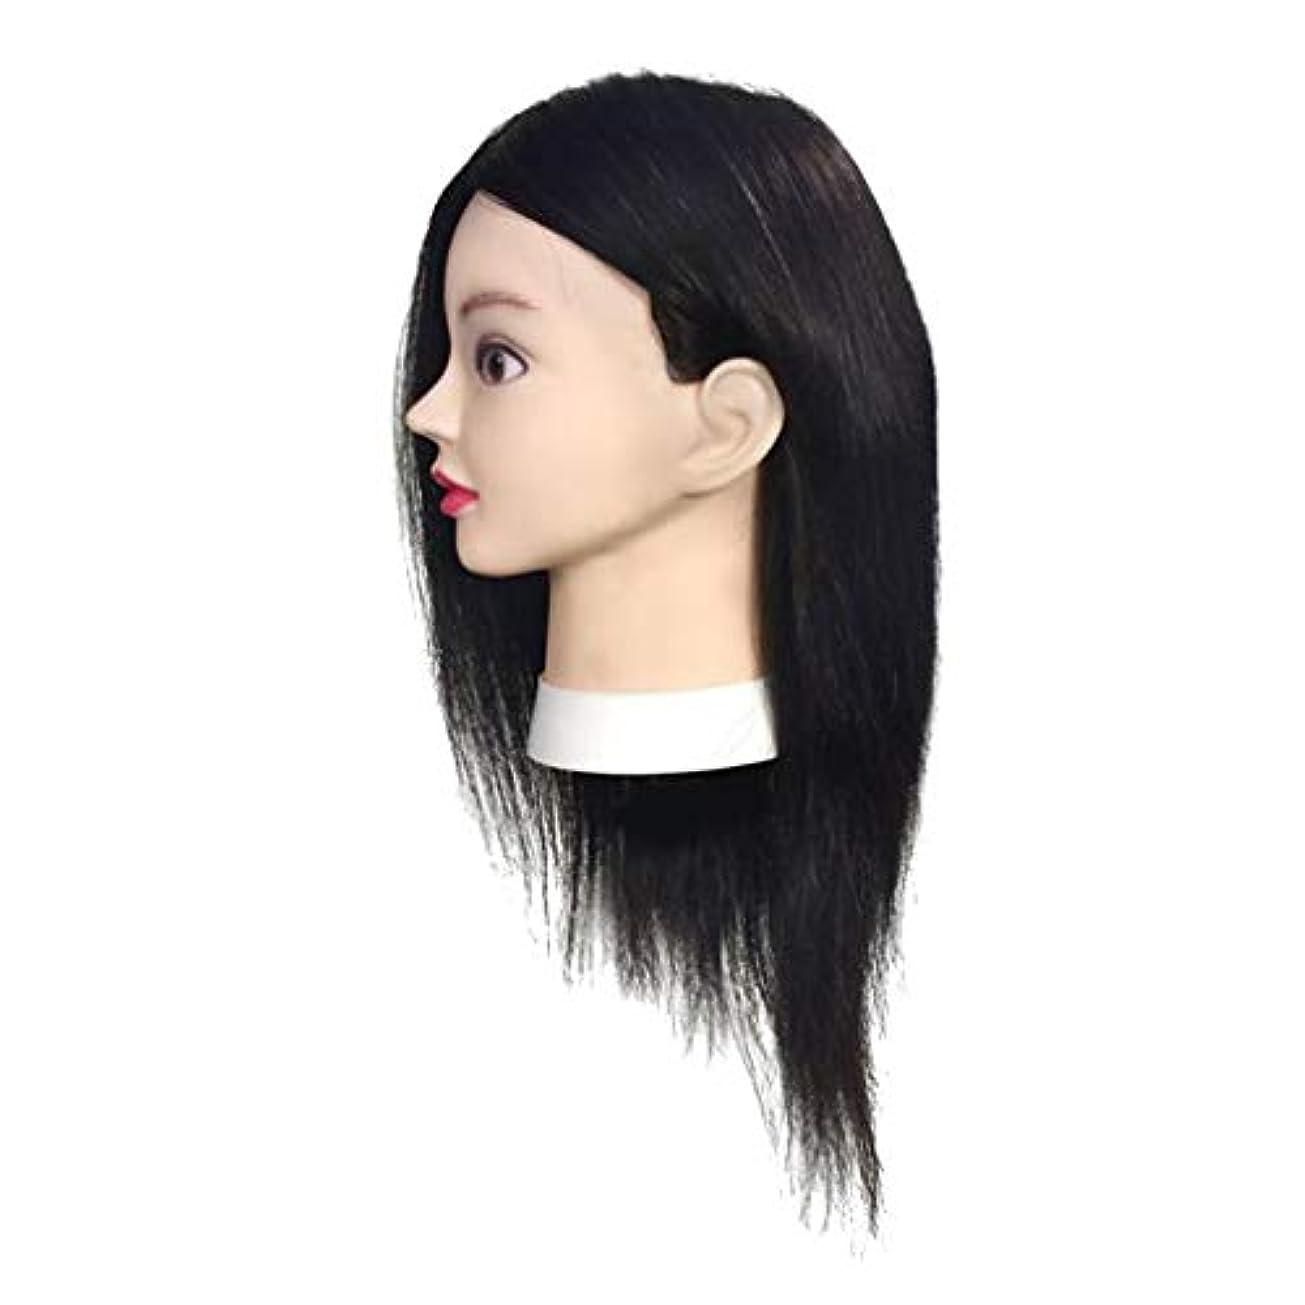 ビール無条件武器CUTICATE マネキンヘッド ウィッグ 編み込み練習用 練習用 美容師 理髪店 美容院 サロン